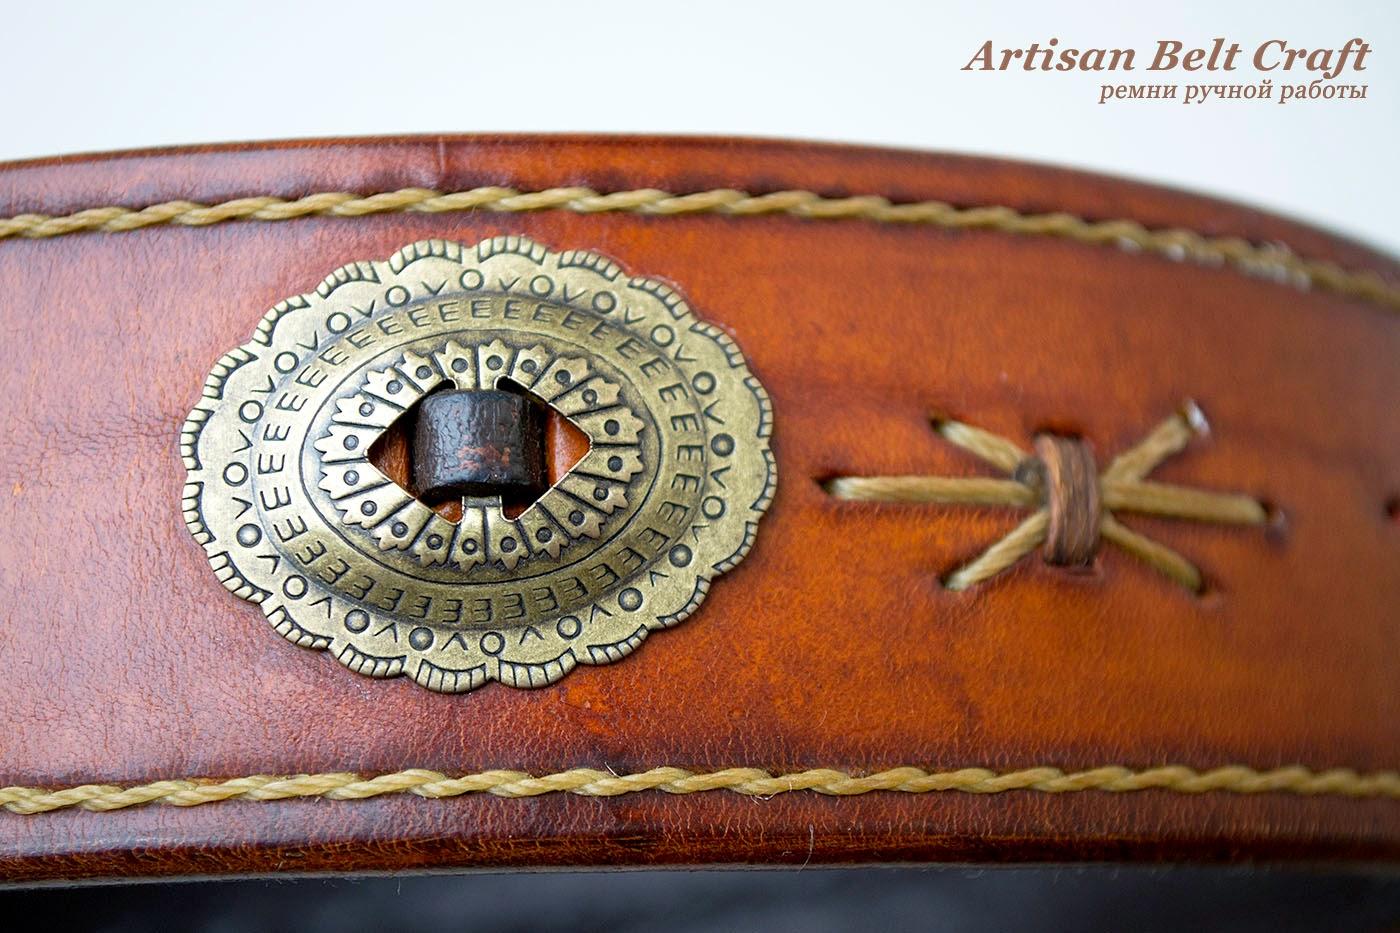 #artisanbeltcraft